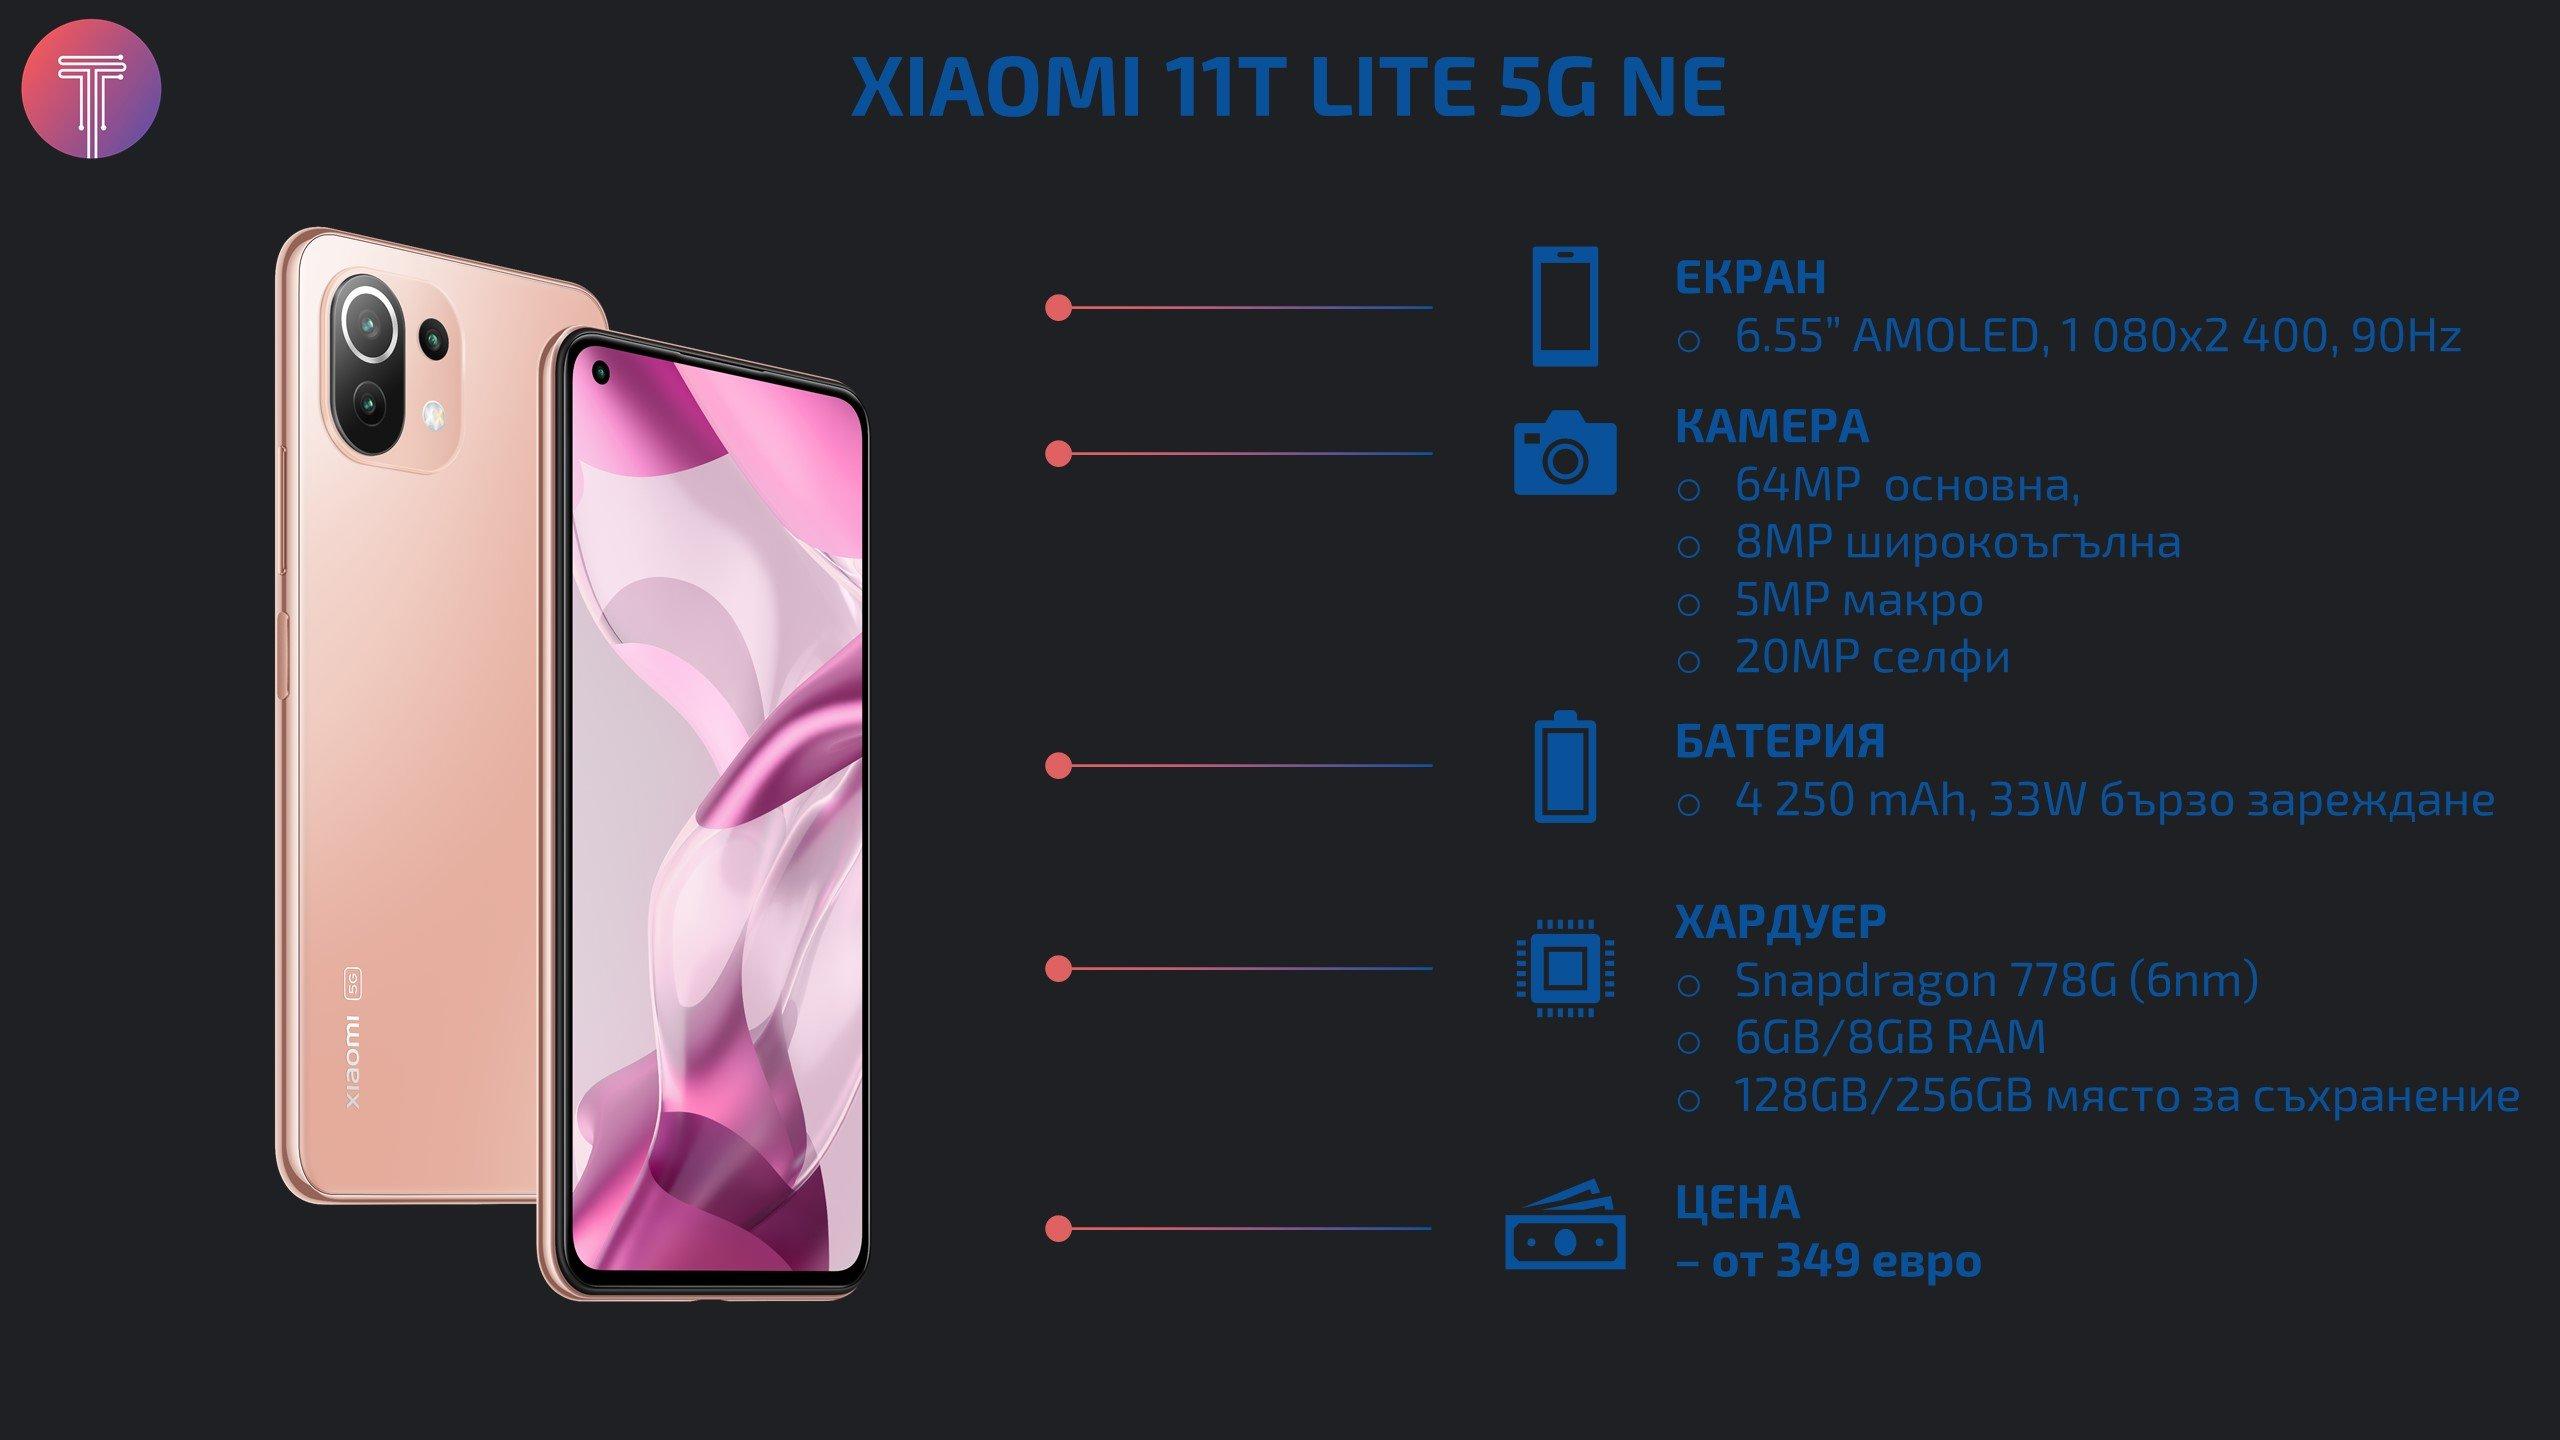 Xiaomi-11T-Lite-5G-NE-Specs